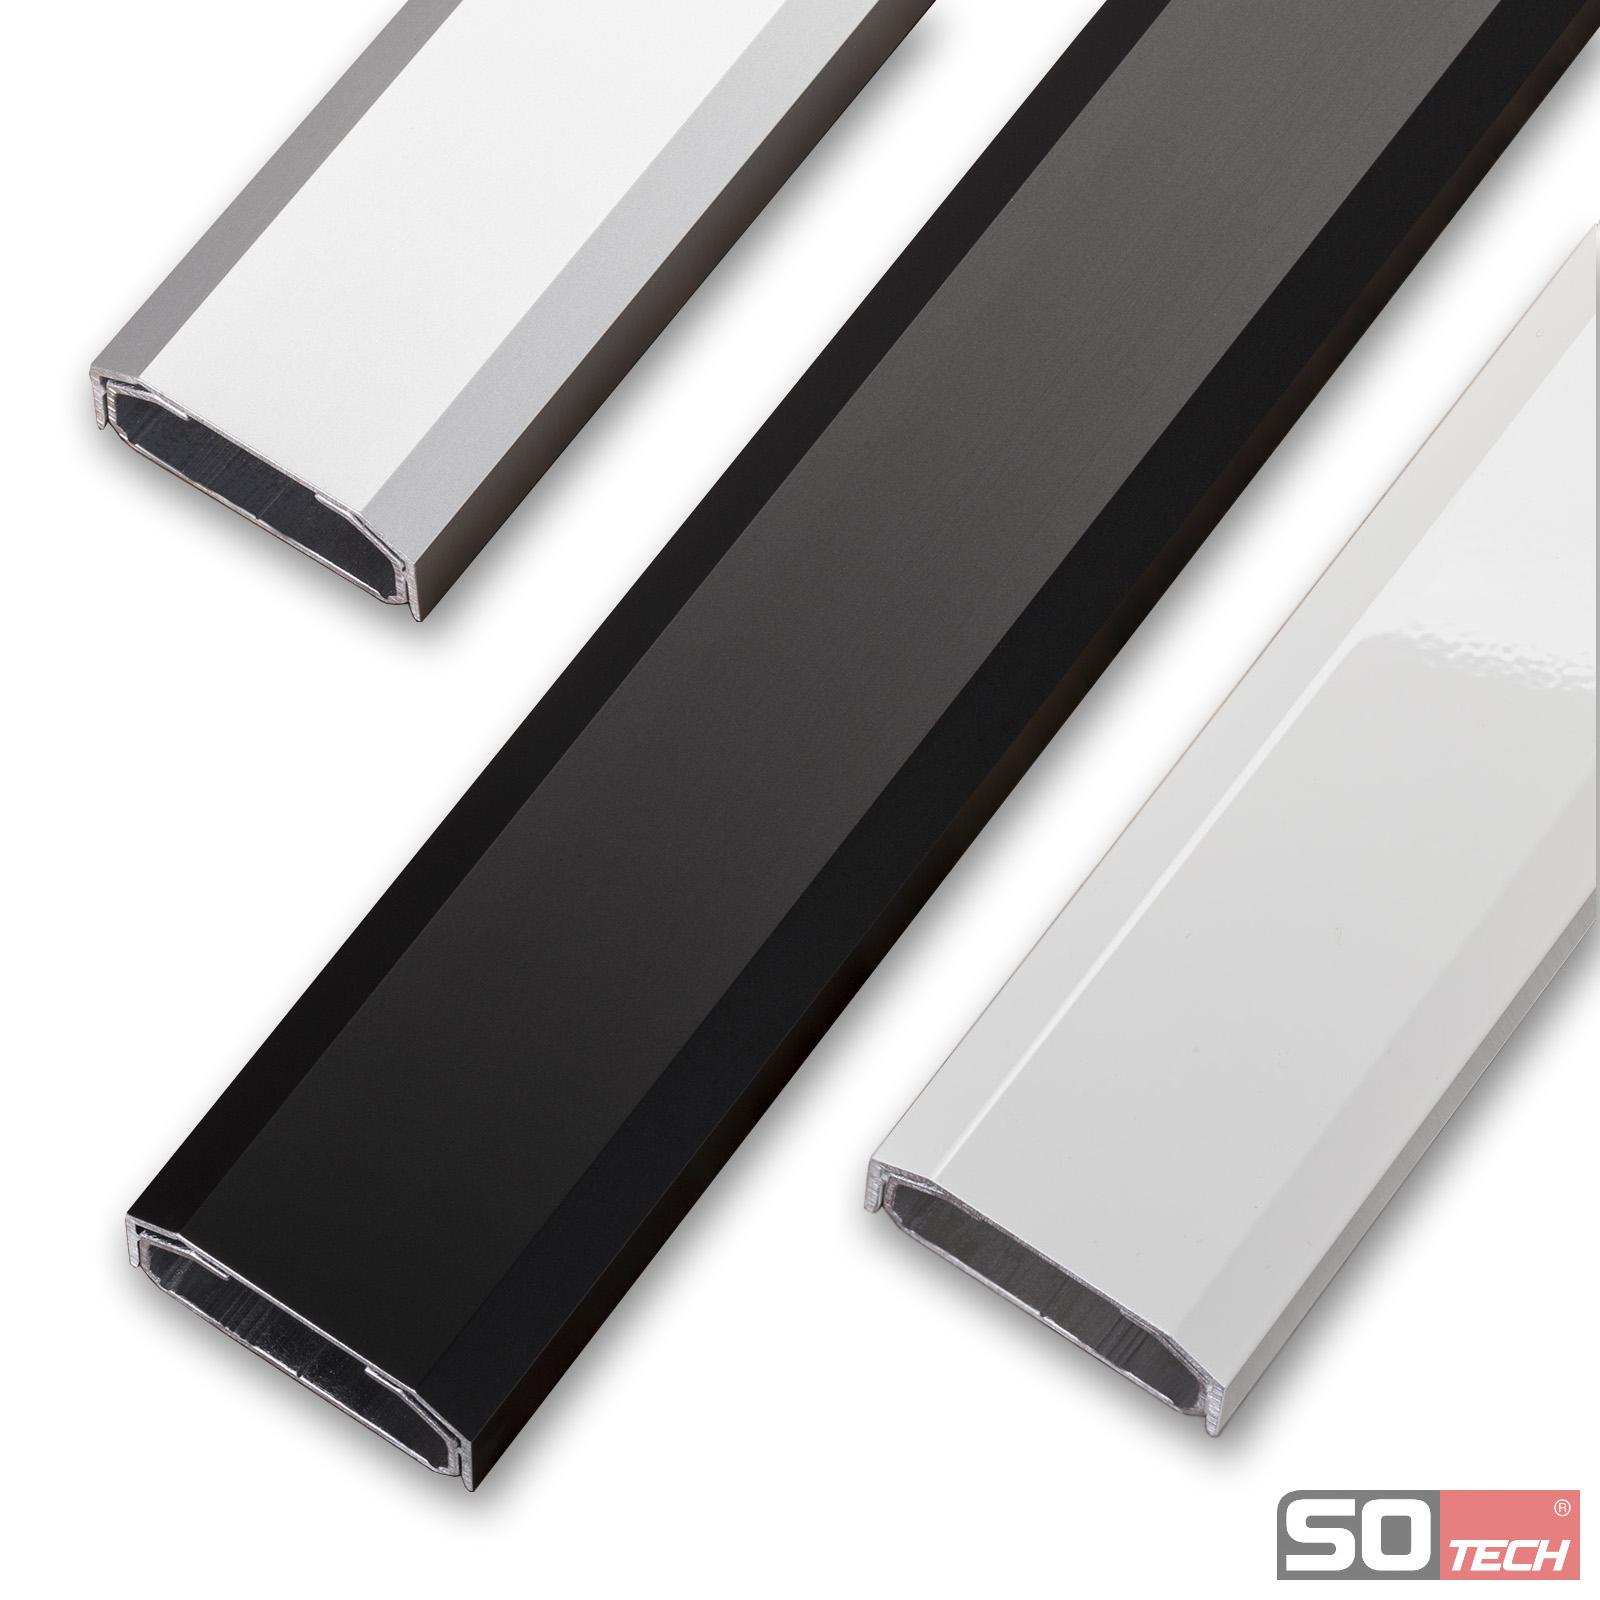 kabelkanal sch co aluminium wei schwarz exoliert. Black Bedroom Furniture Sets. Home Design Ideas